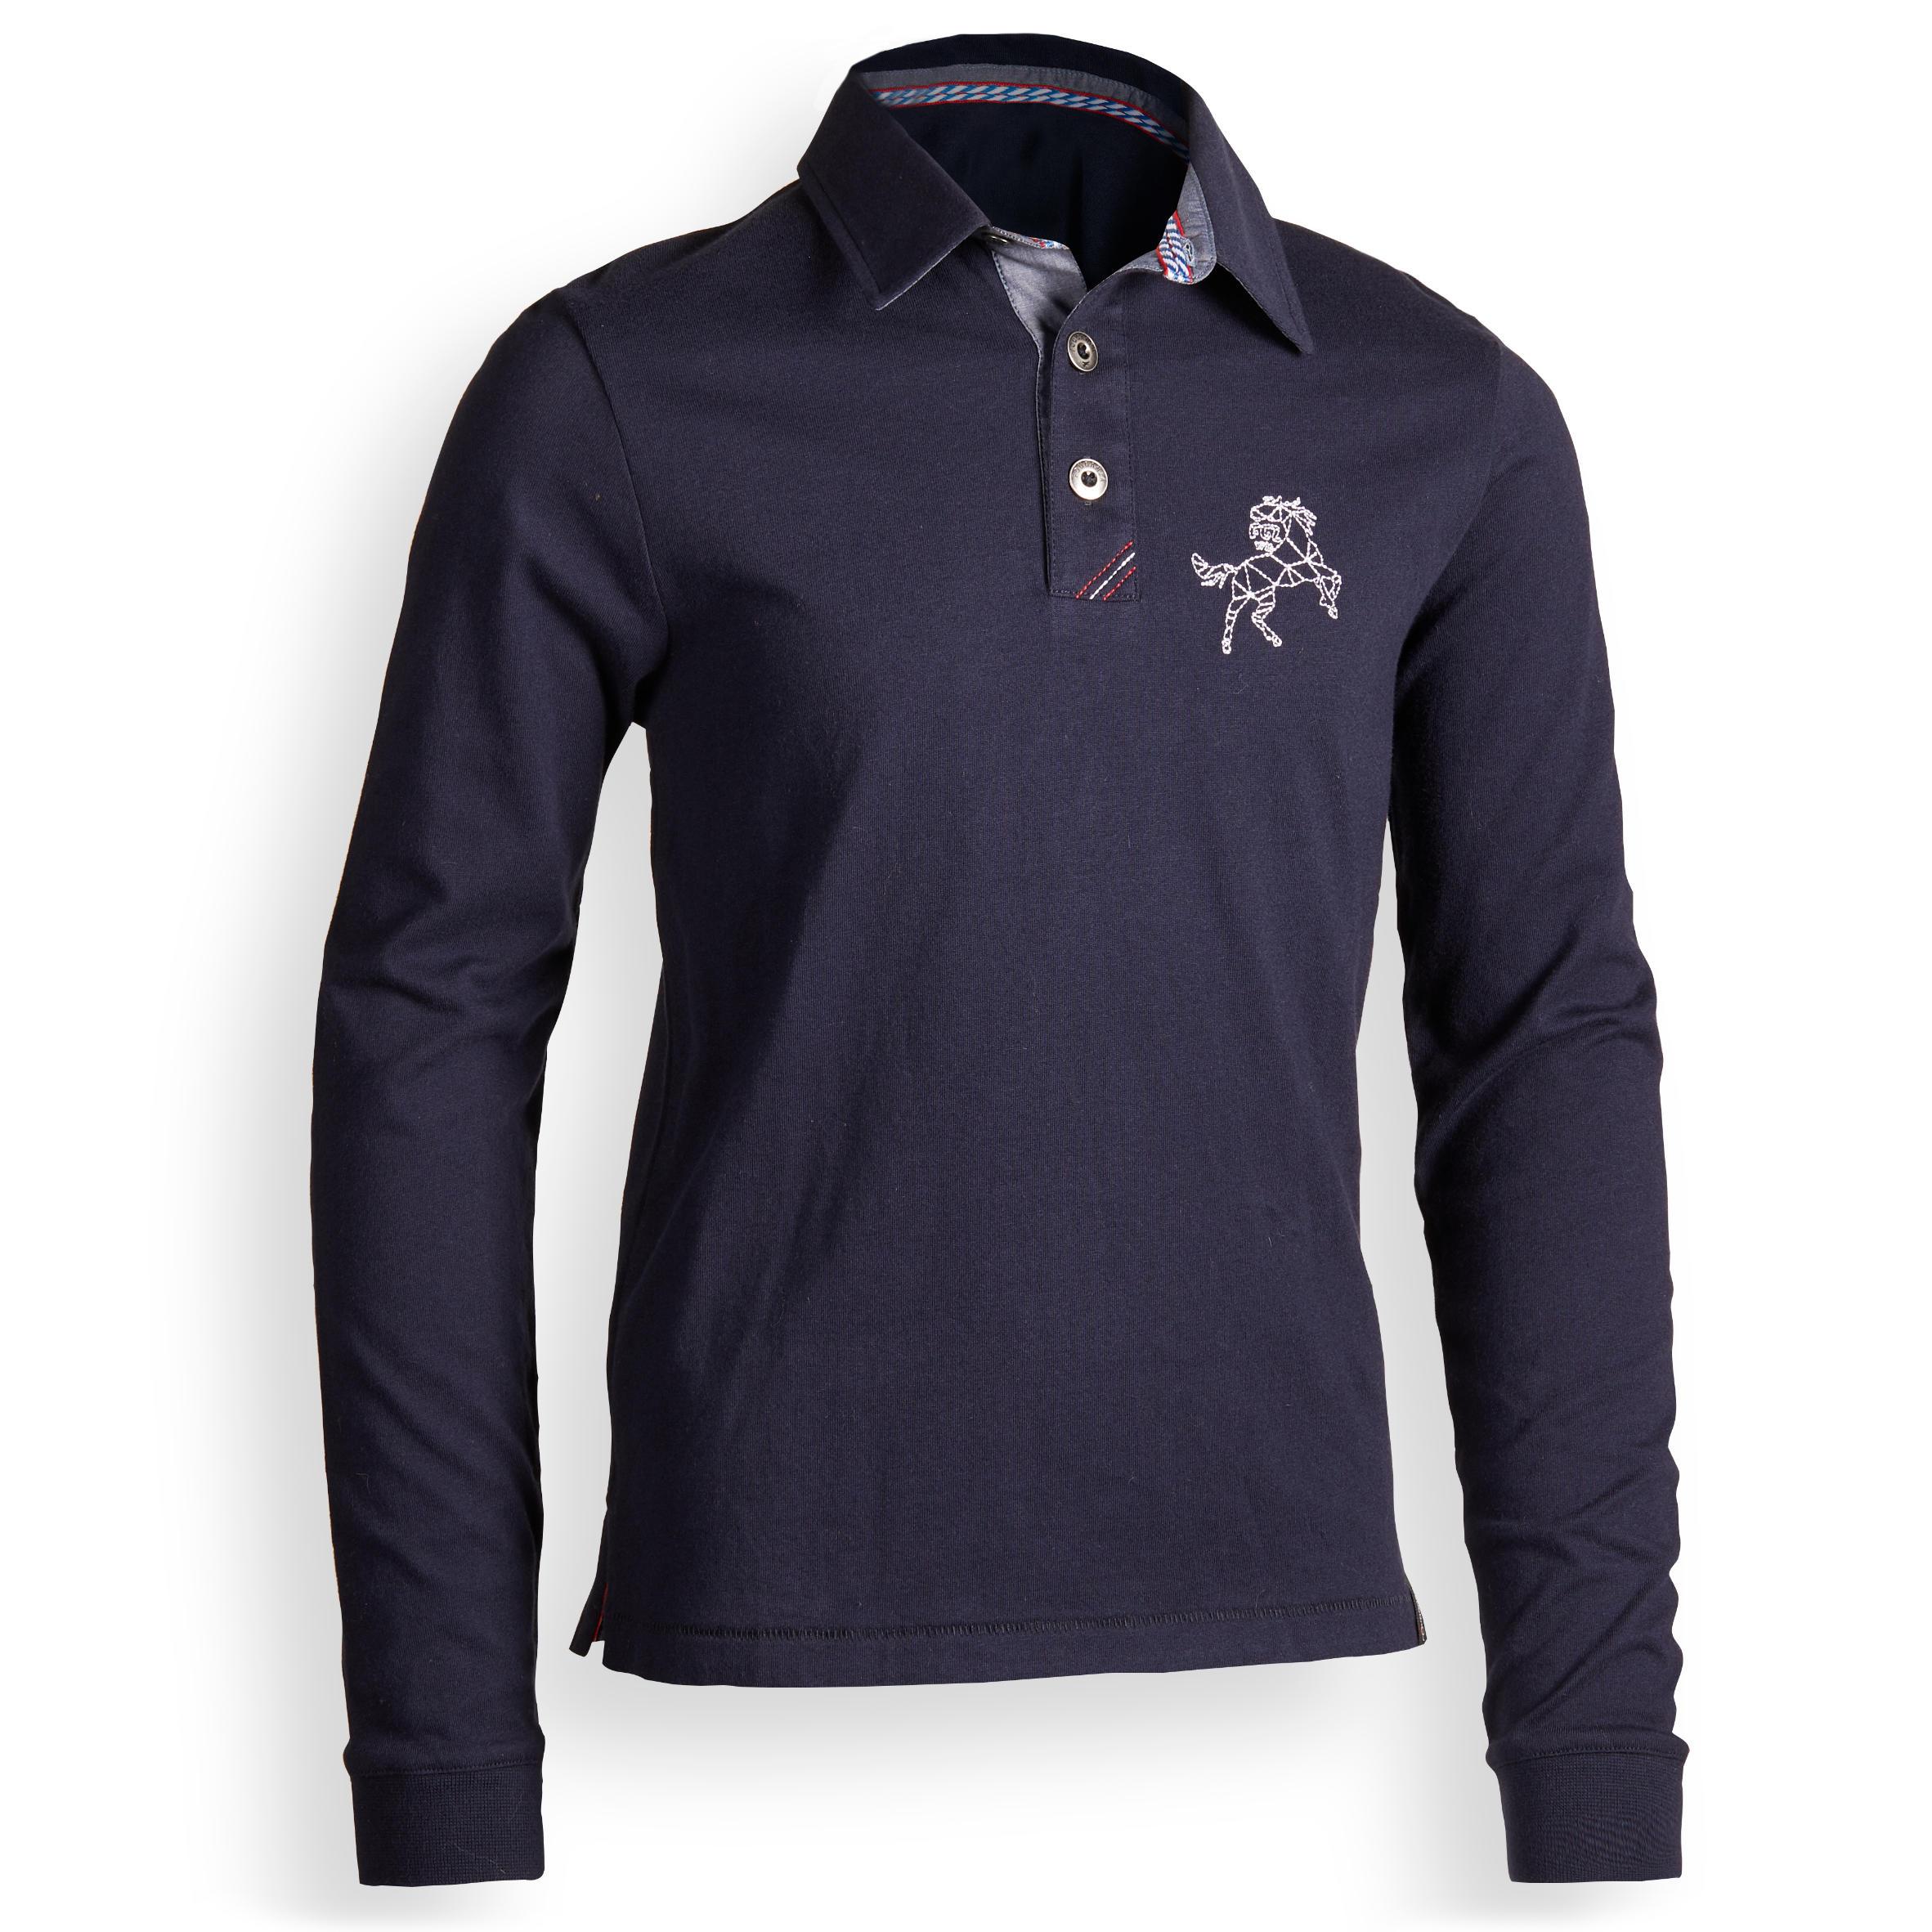 a00157703ca Comprar polos y camisas de Equitación | Decathlon